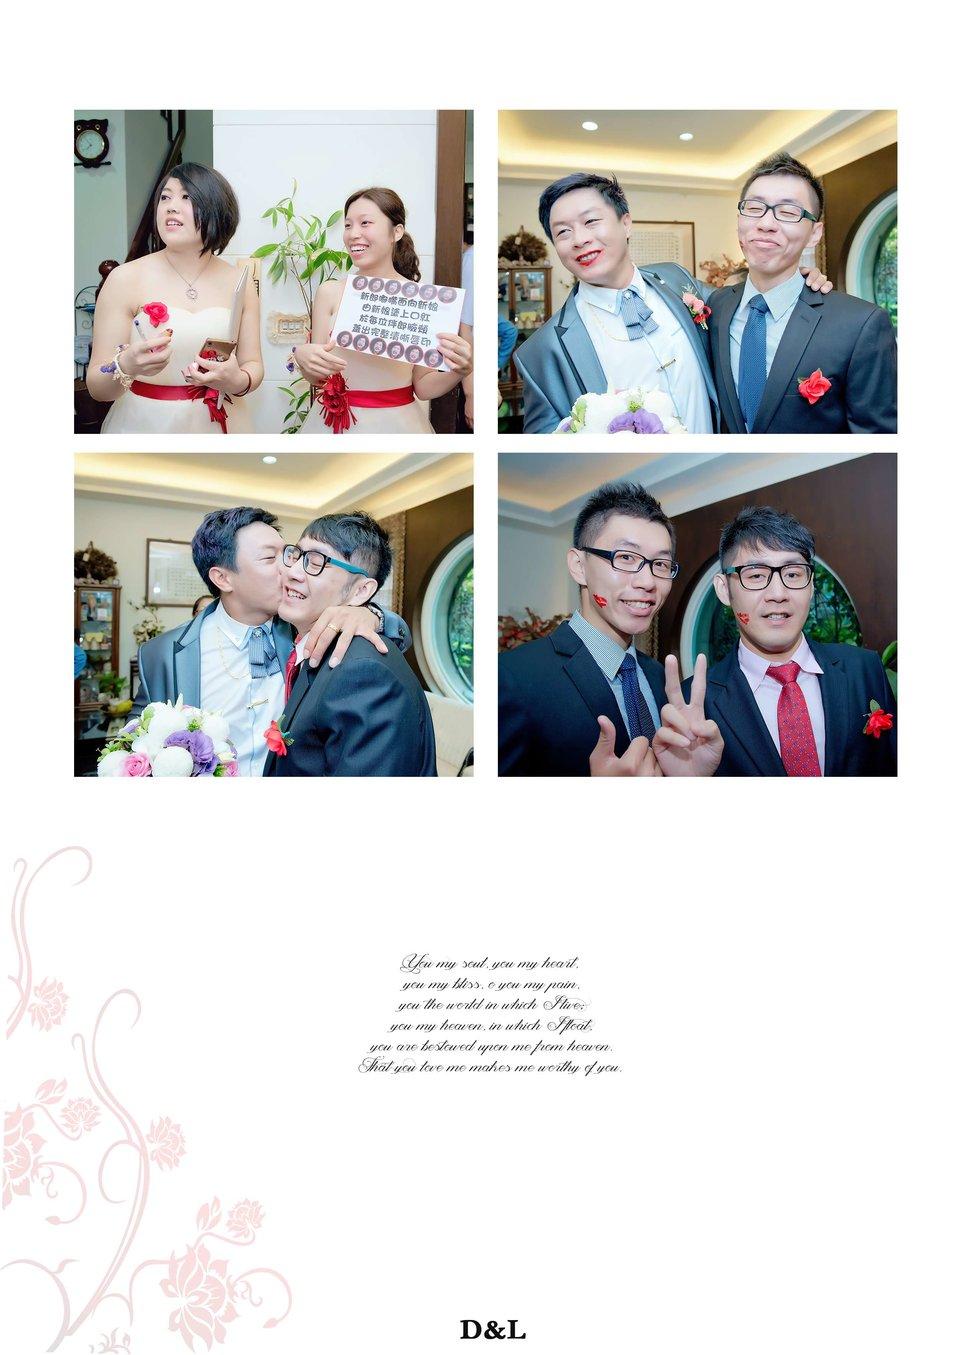 雲林婚攝 婚禮紀錄 敬添&綉芬 喜洋洋宴會廳雲林(編號:253232) - D&L 婚禮事務-婚紗攝影/婚禮記錄 - 結婚吧